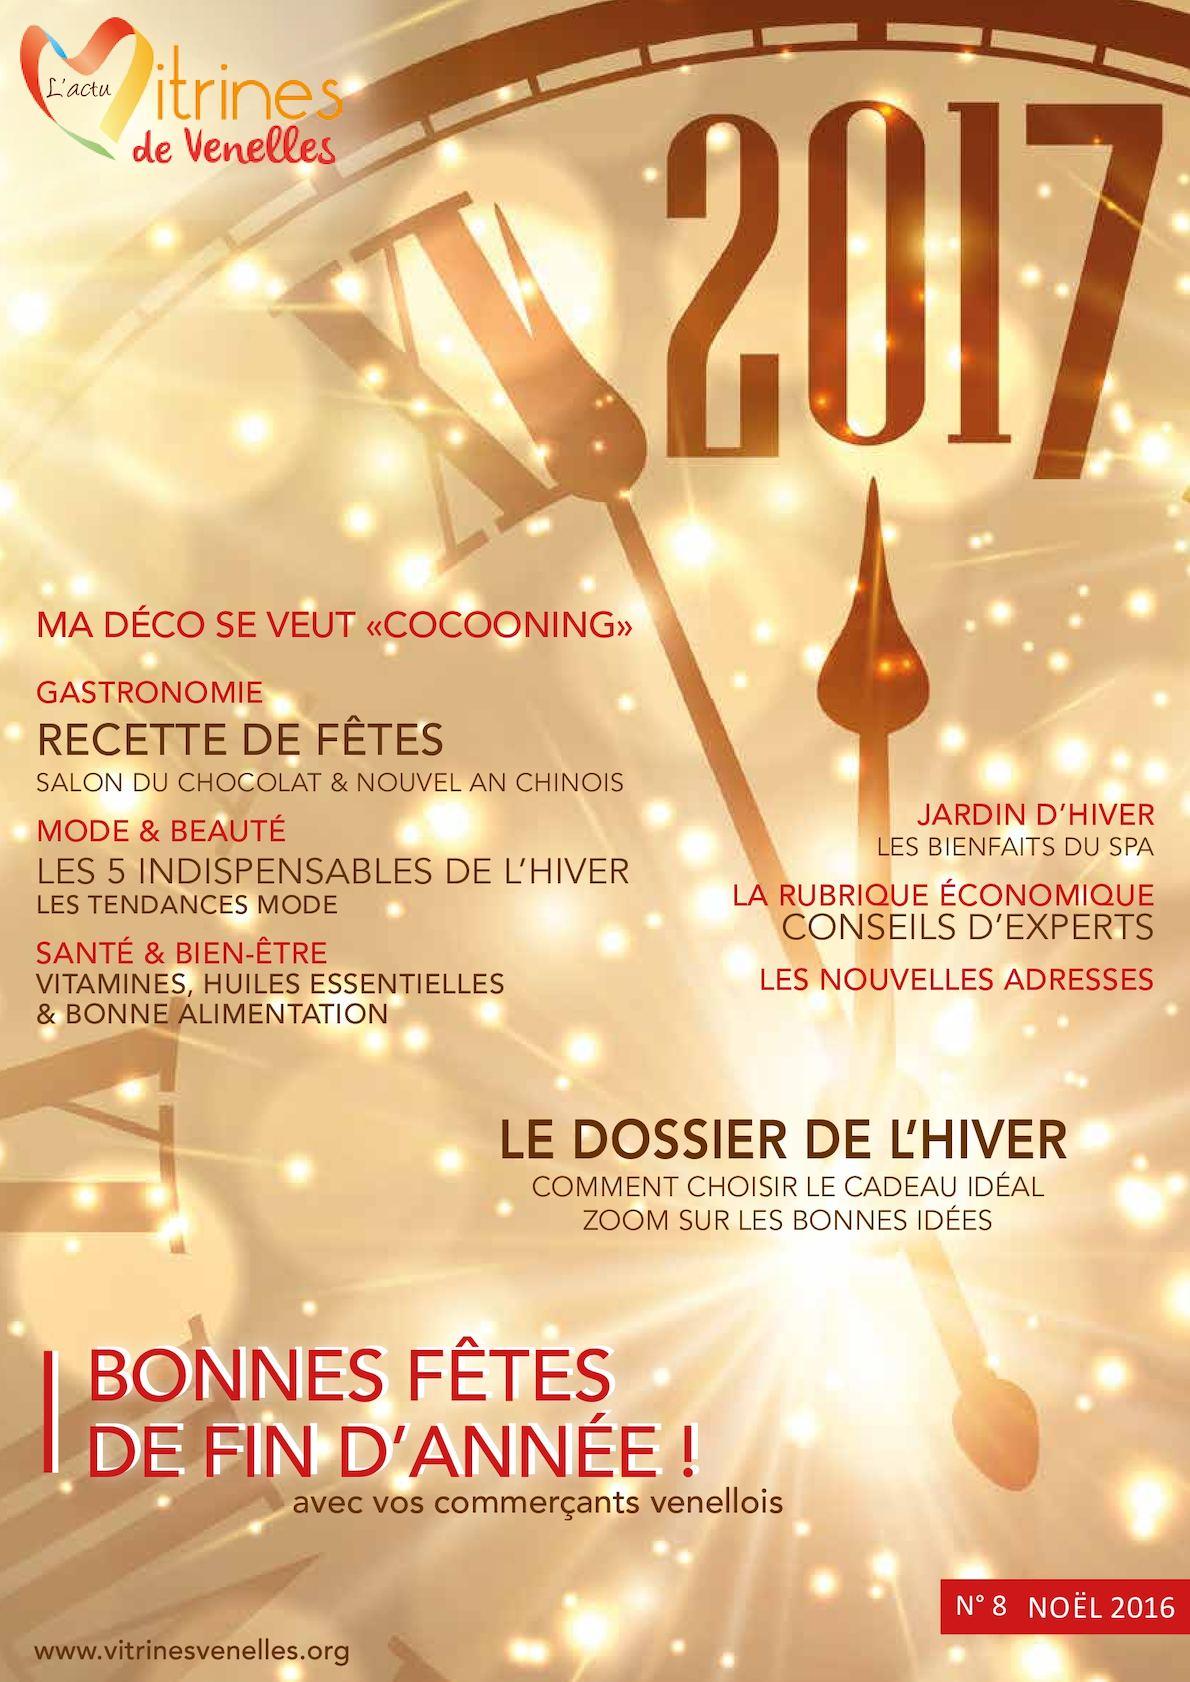 Vitrines Venelles Oedxbc De Magazine N°8 Calaméo Des pqVzSLGjUM